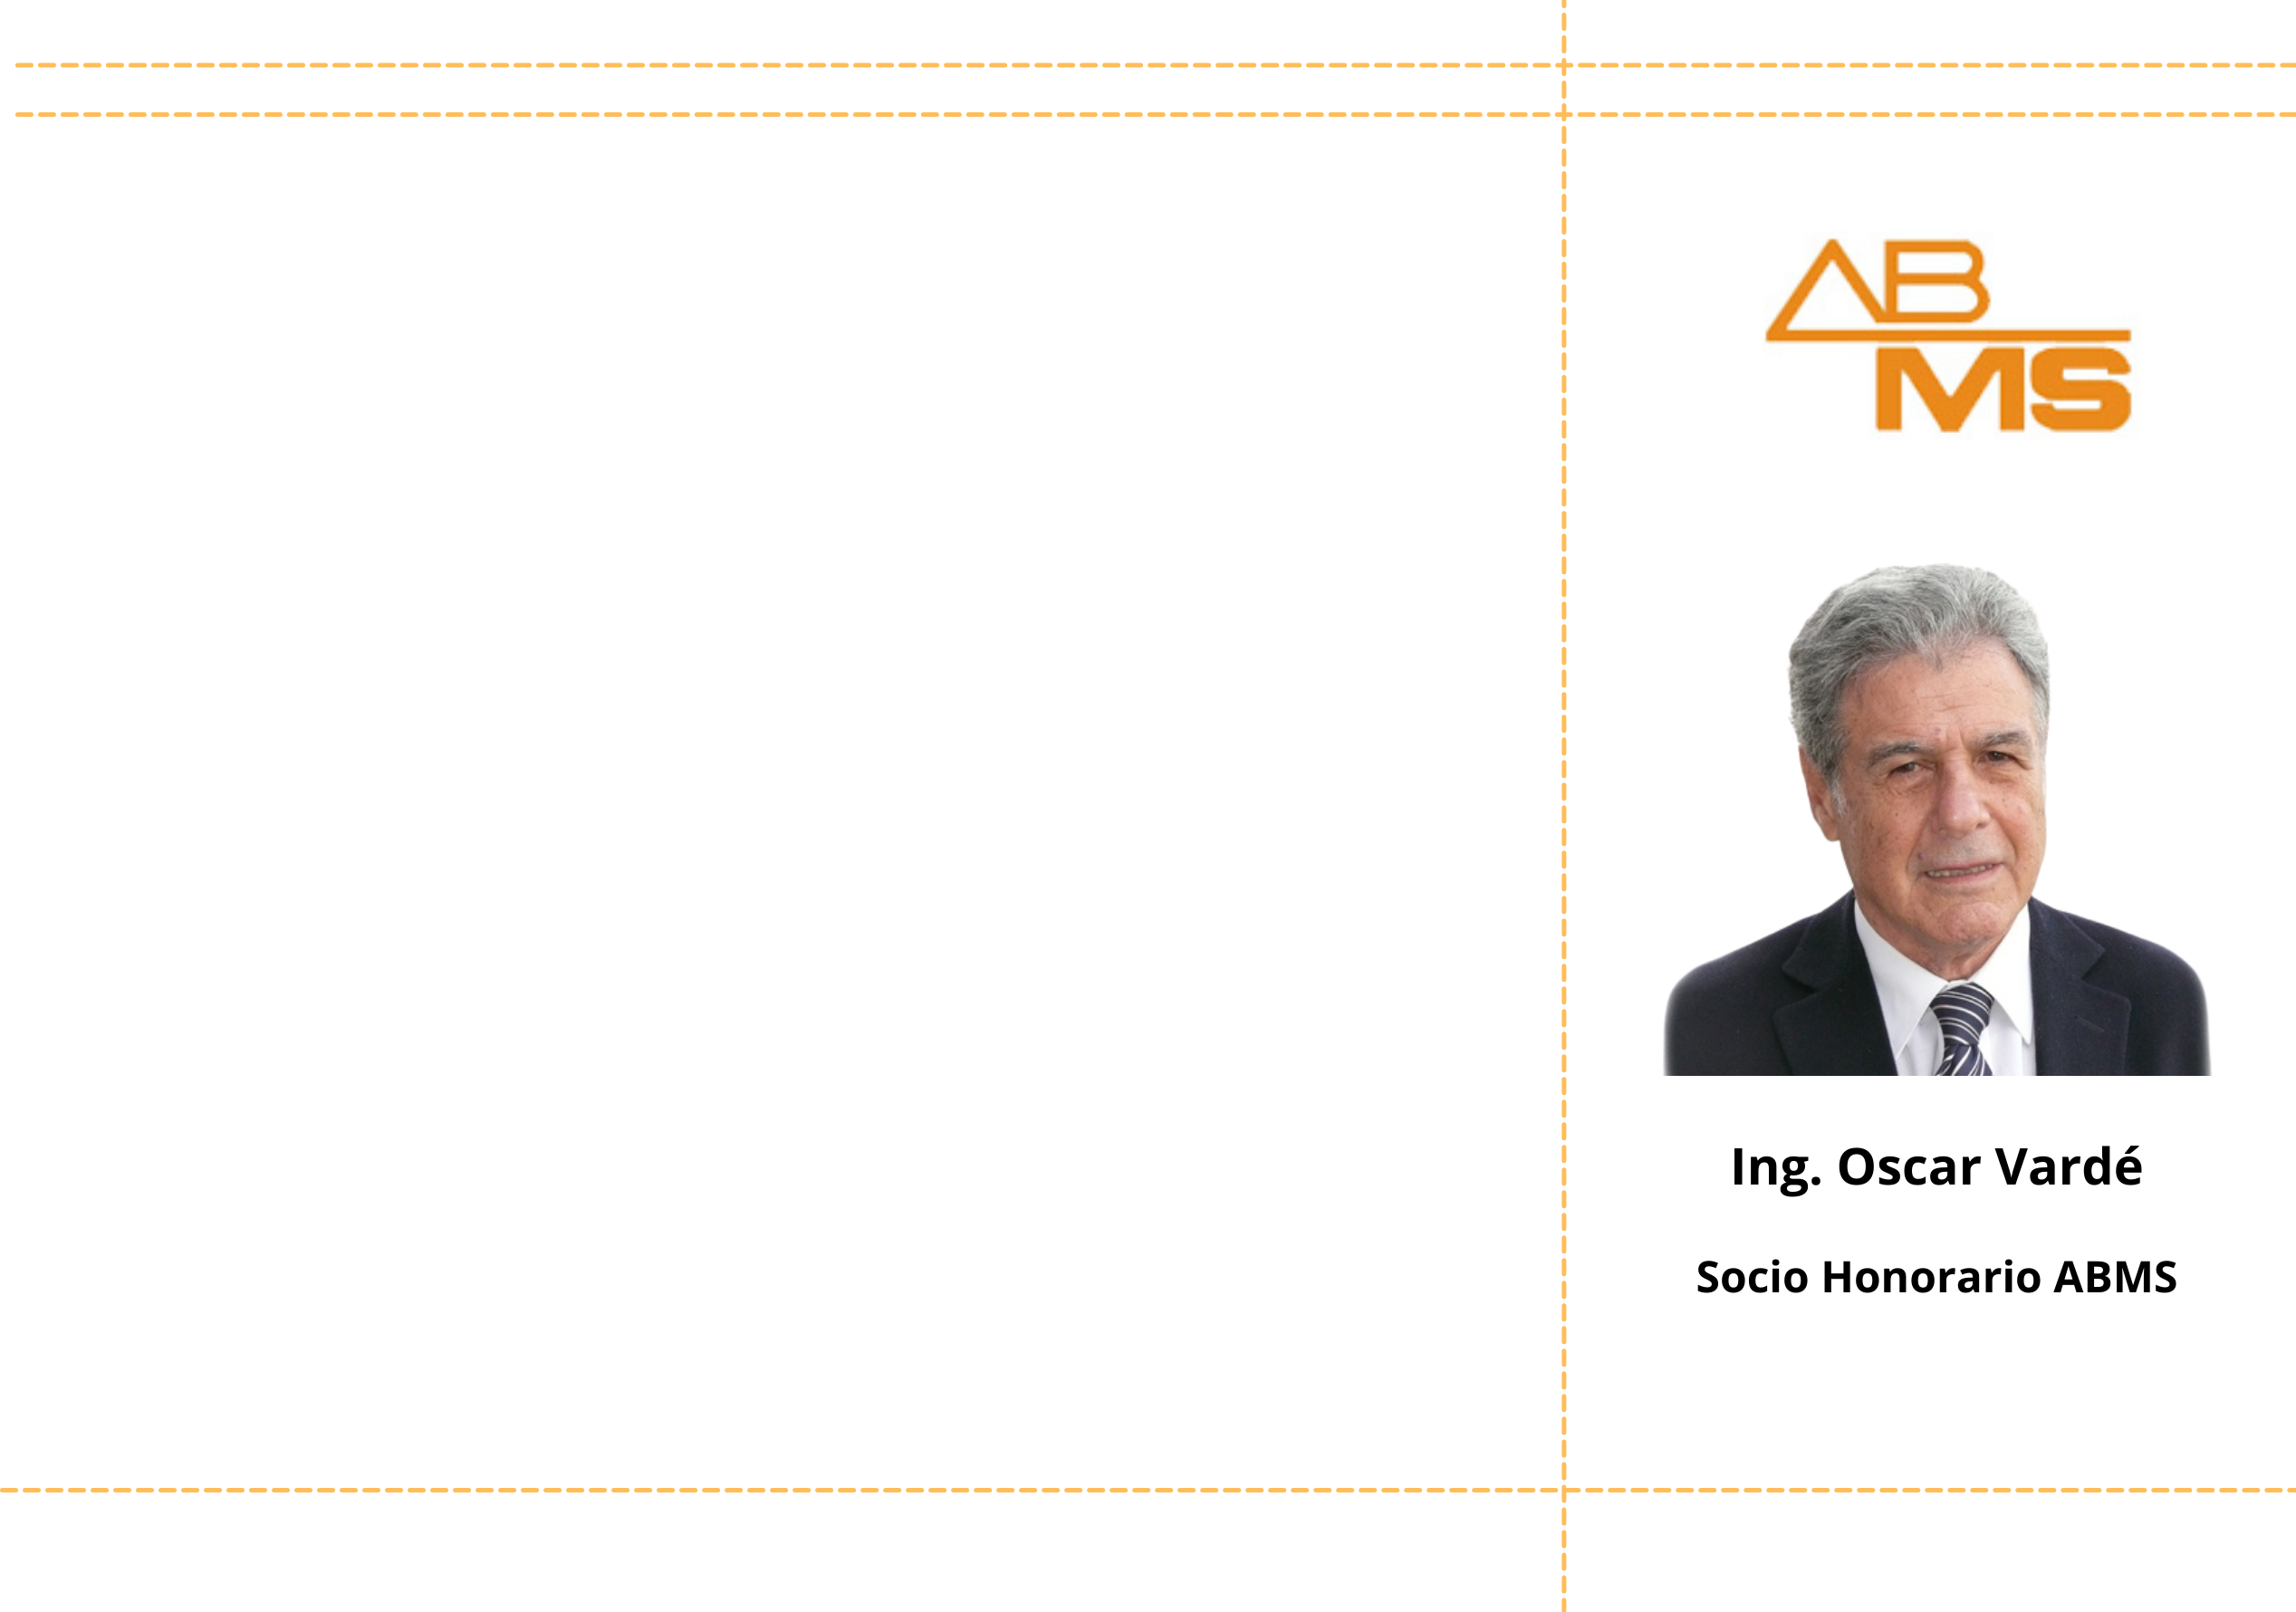 El Ing. Oscar Vardé fue nombrado Socio Honorario de la ABMS | SAIG